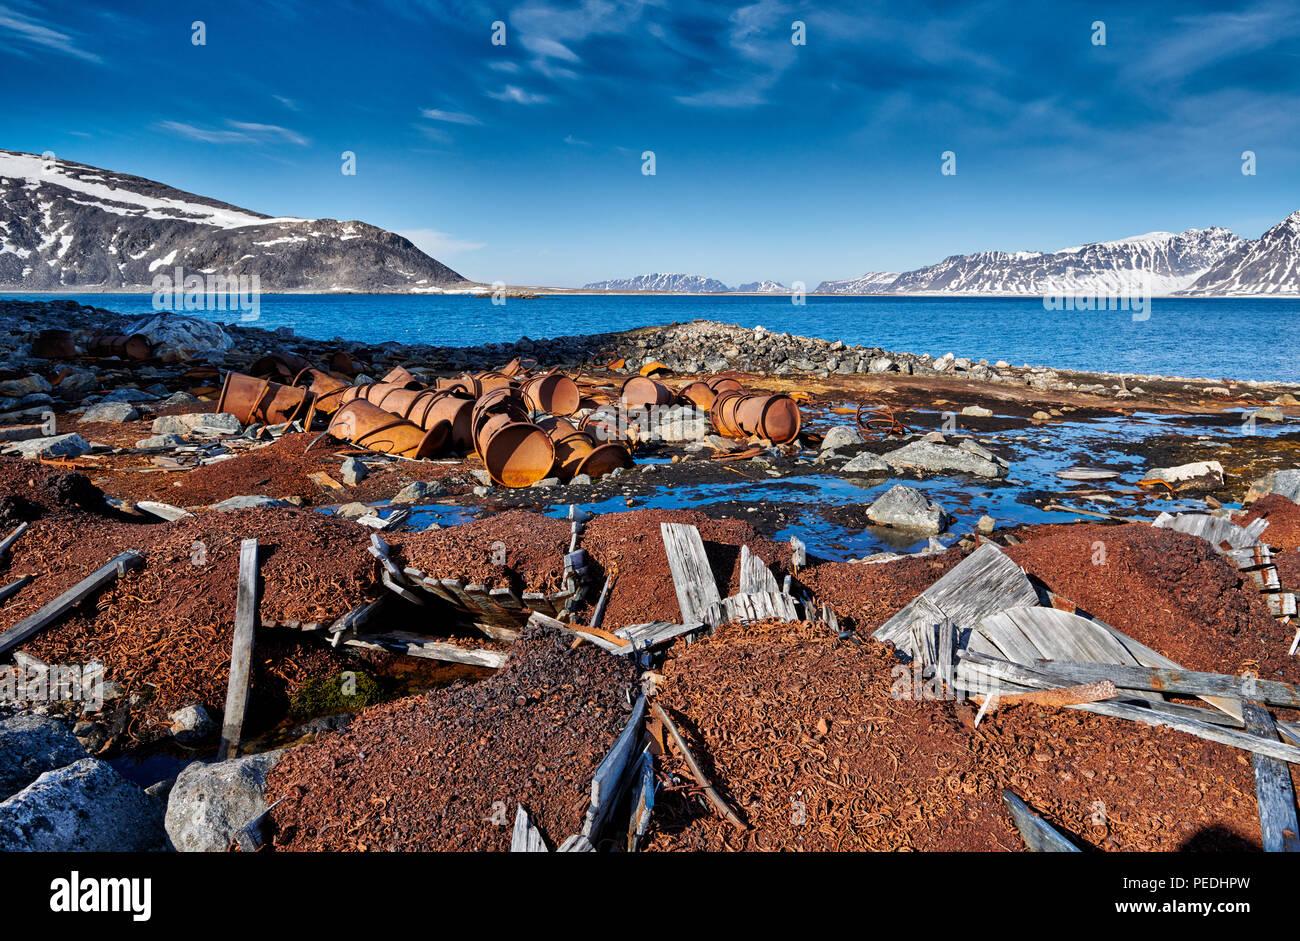 Rusty permanece en un sitio histórico de Virgohamna, Svalbard o Spitsbergen, Europa Imagen De Stock